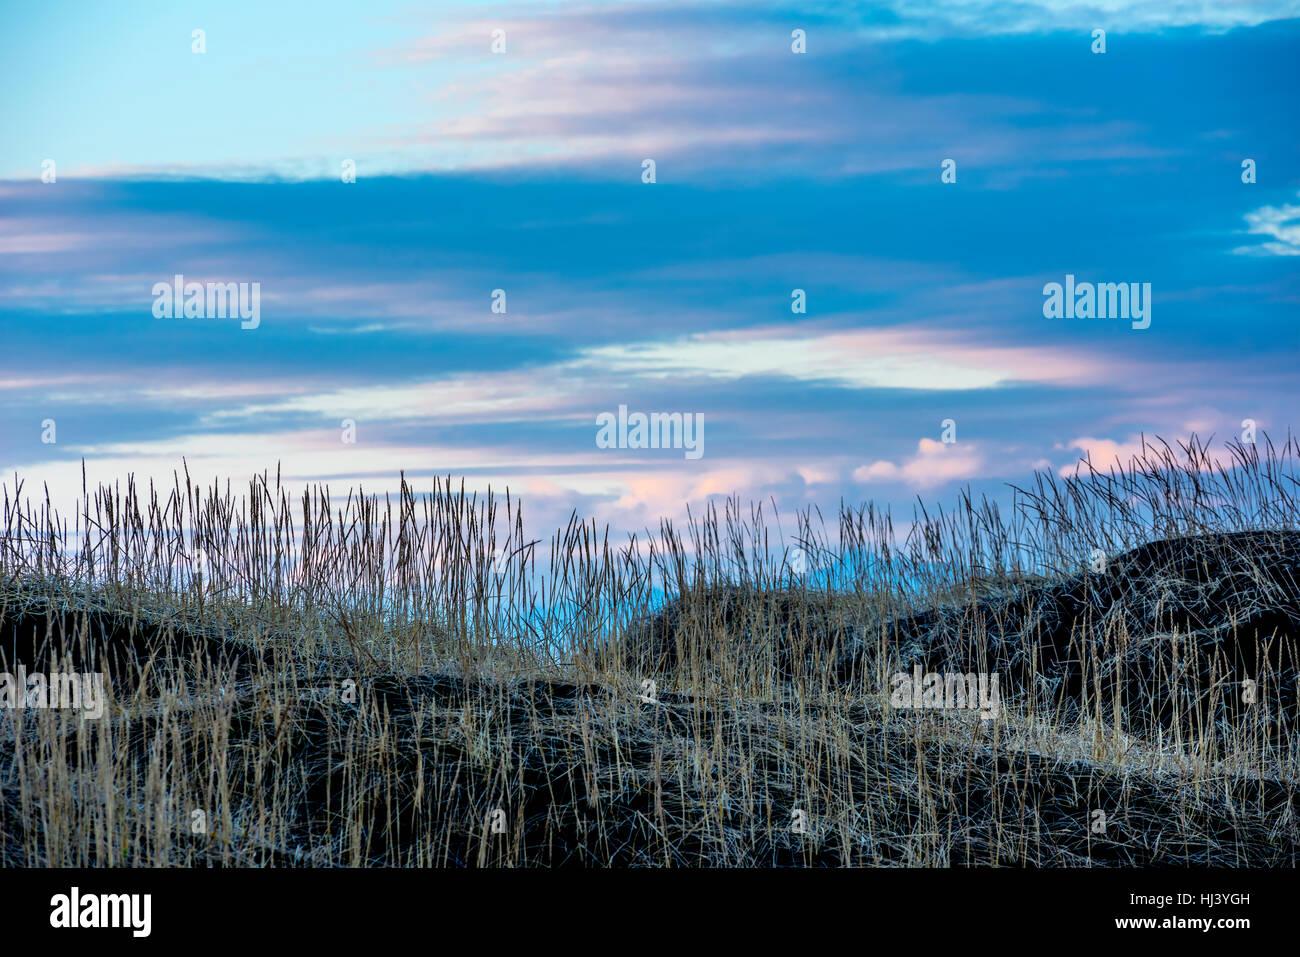 Ein grasbewachsenen Sumpf an einem Hang in Island gerahmt gegen einen Pastell Sonnenuntergang wie am ersten Tag Stockbild